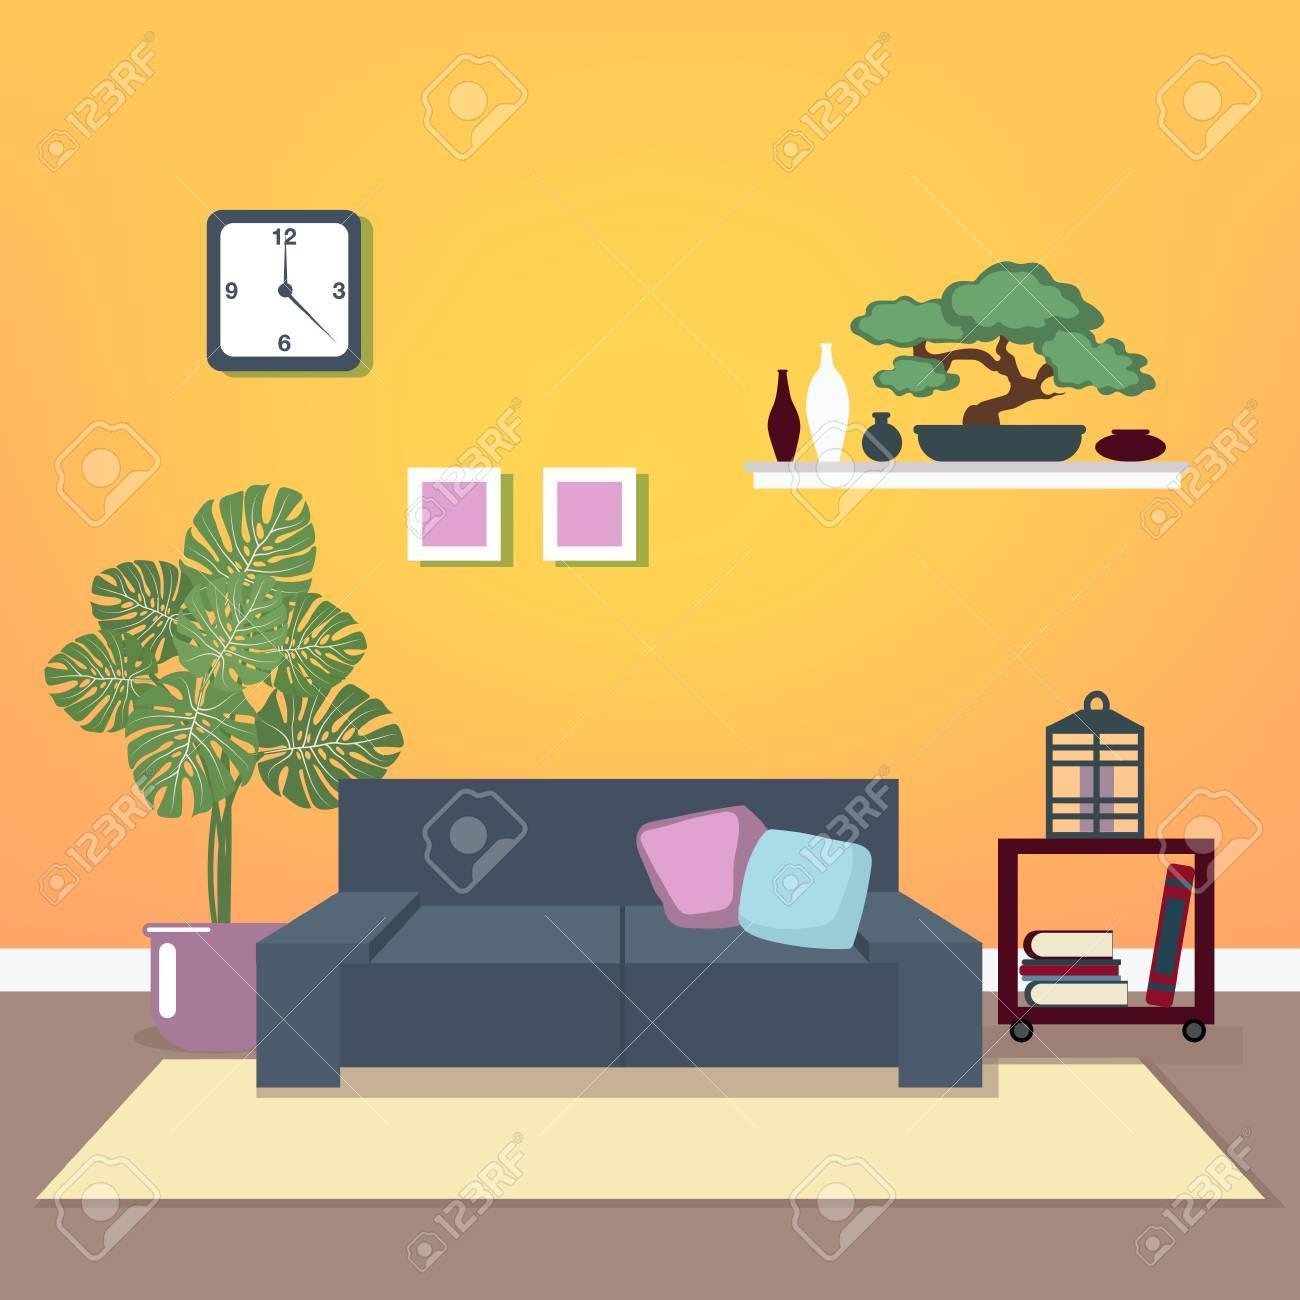 Moderne Inter. Wohnzimmer. Raum-Design. Minimalismusart. Zimmer Mit ...